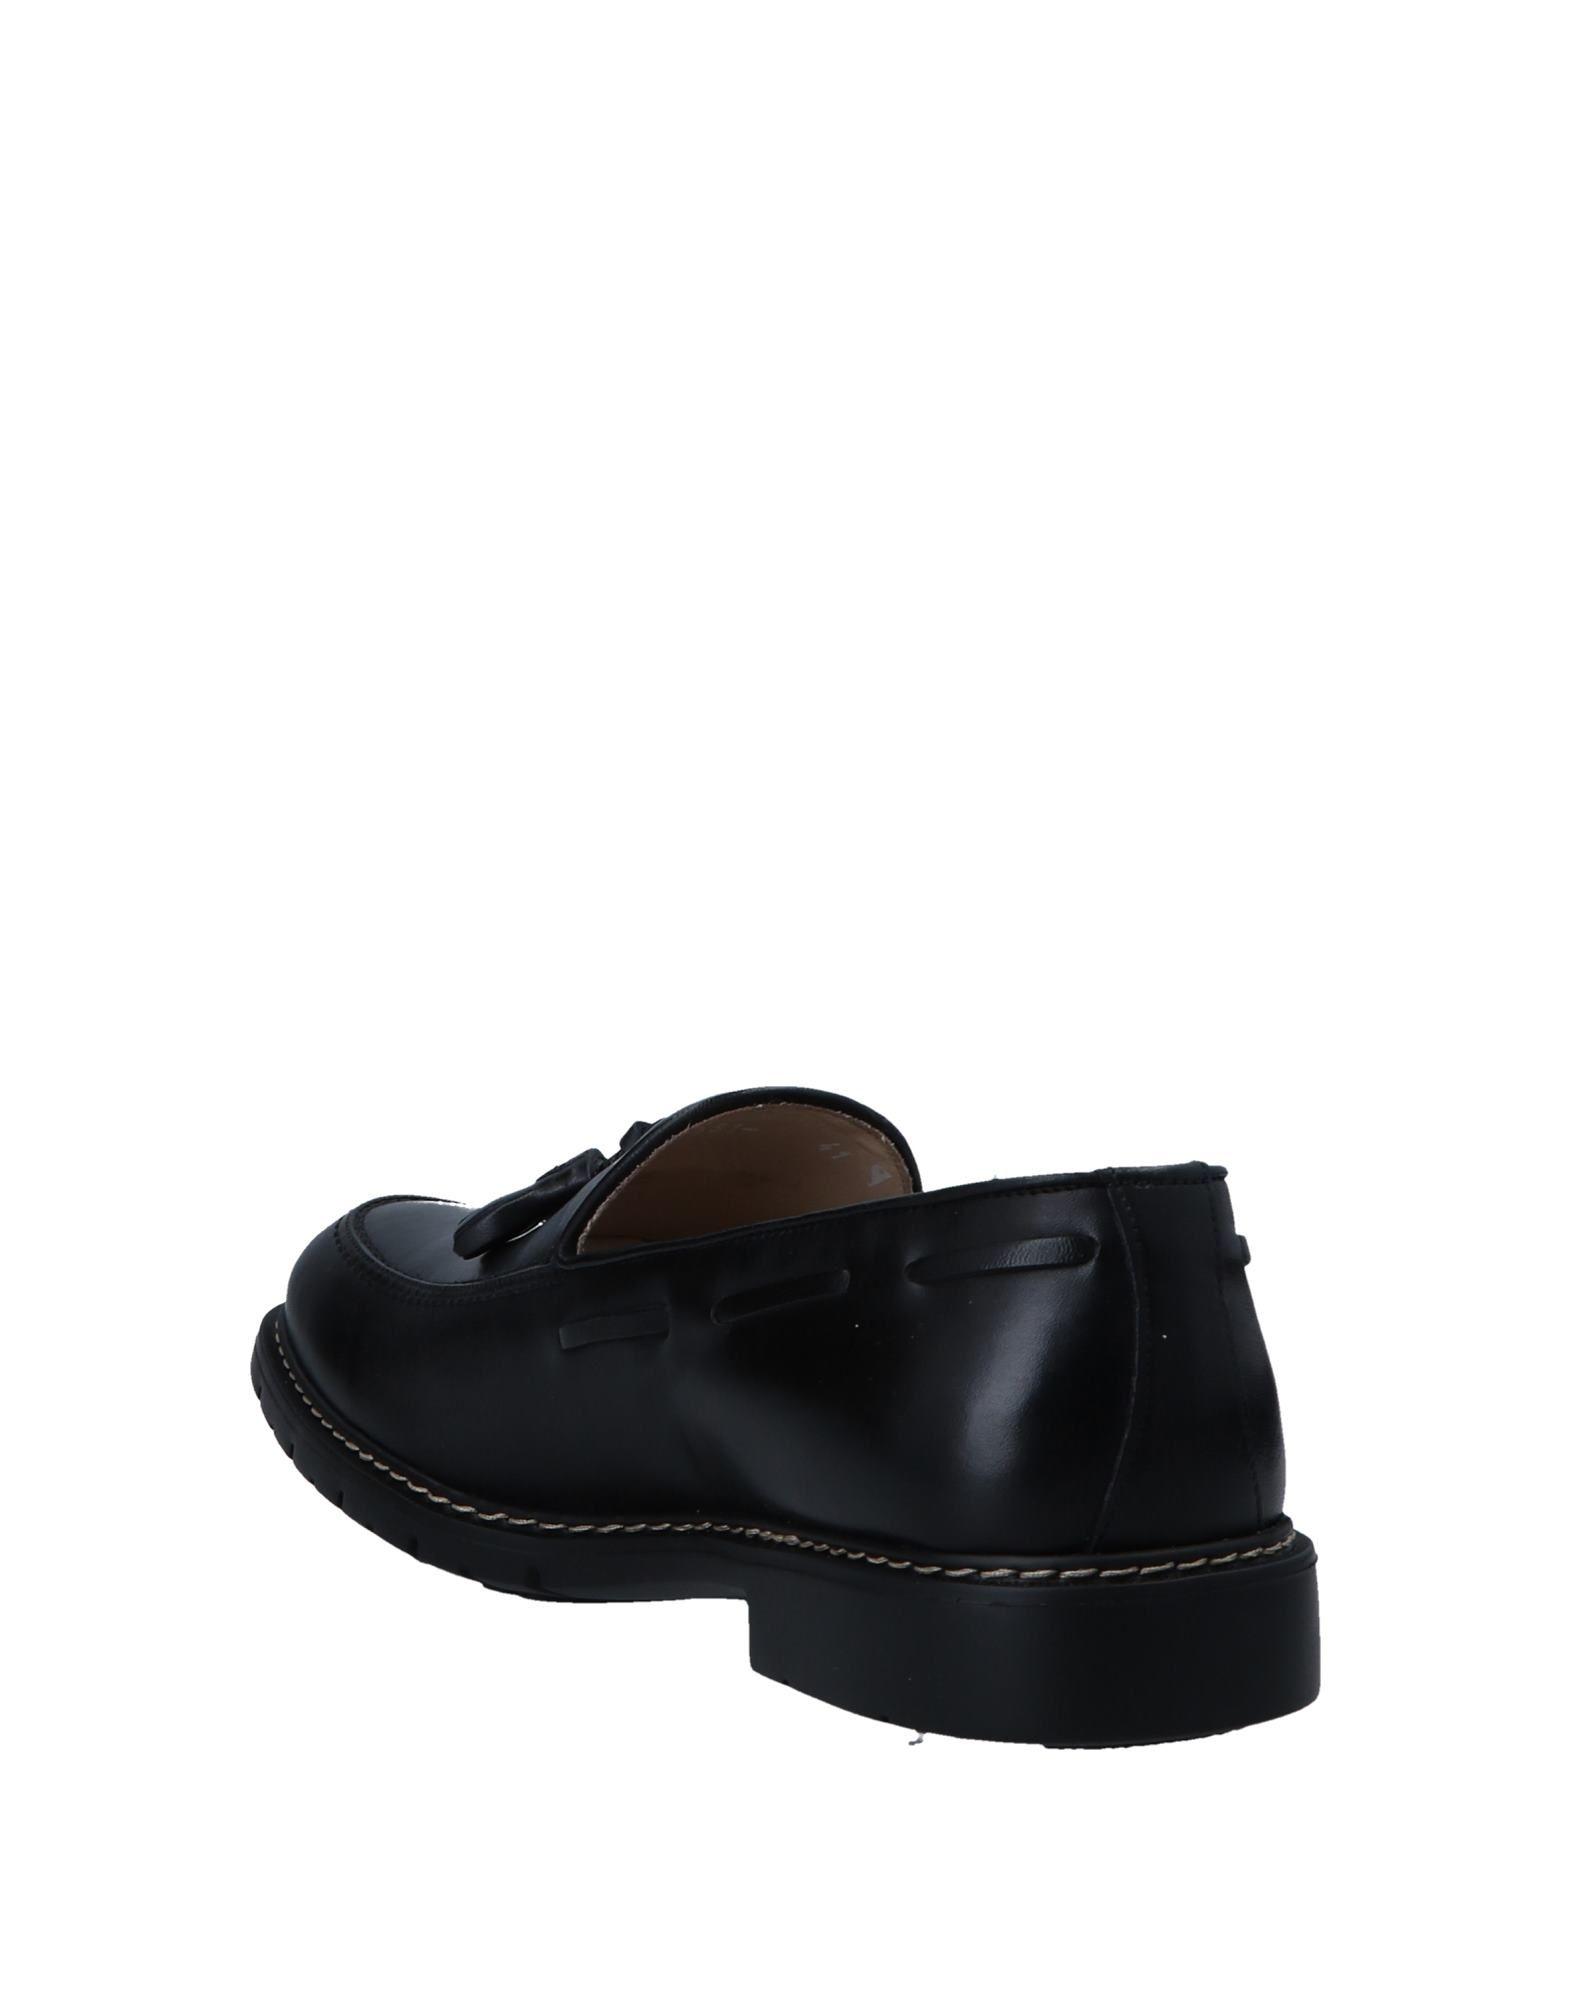 Baldinini Mokassins Herren Qualität  11554726CU Gute Qualität Herren beliebte Schuhe 8c01c1